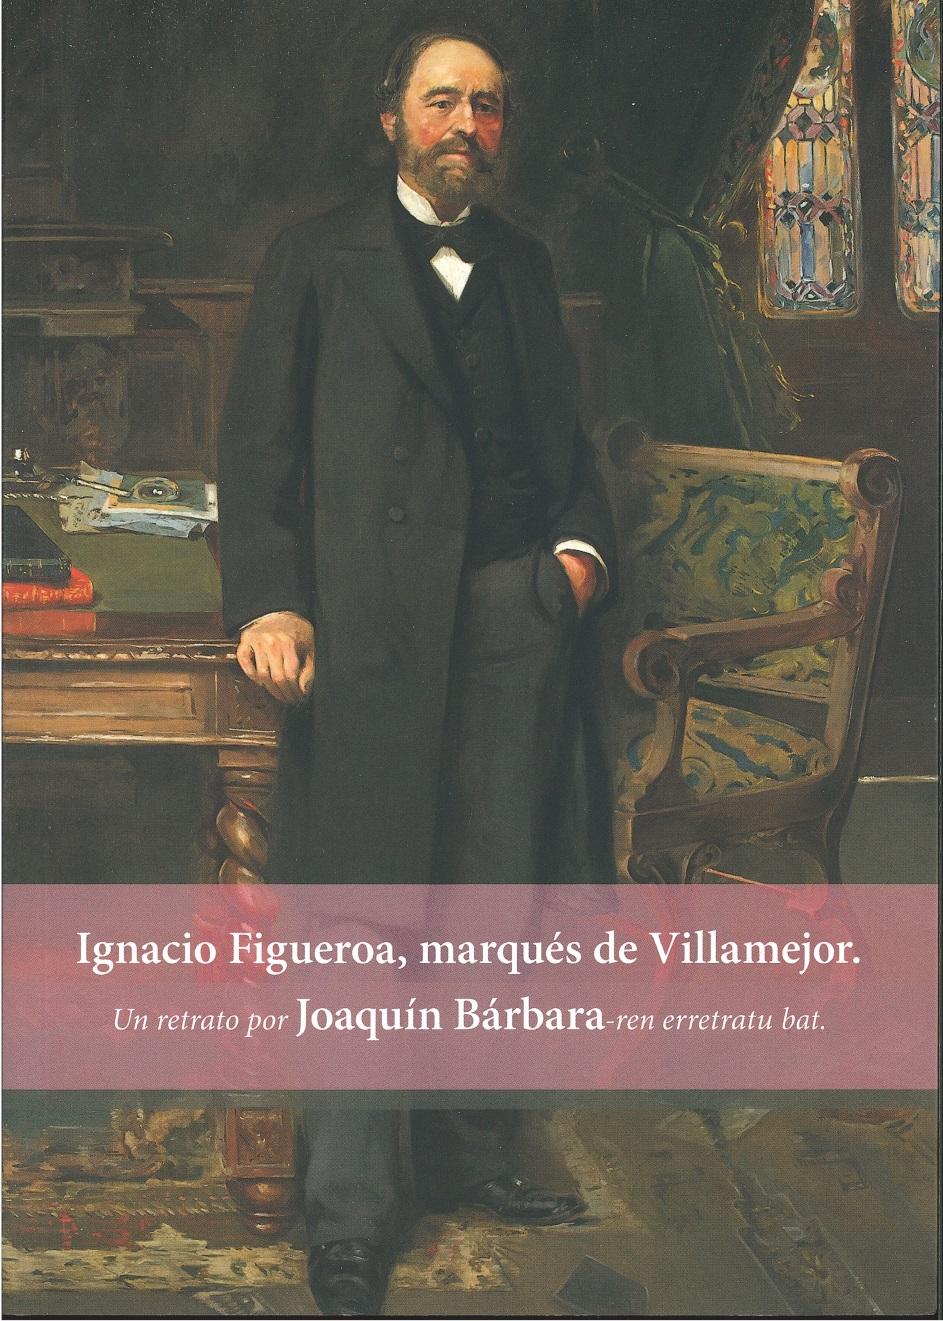 ignacio_figueroa.jpg